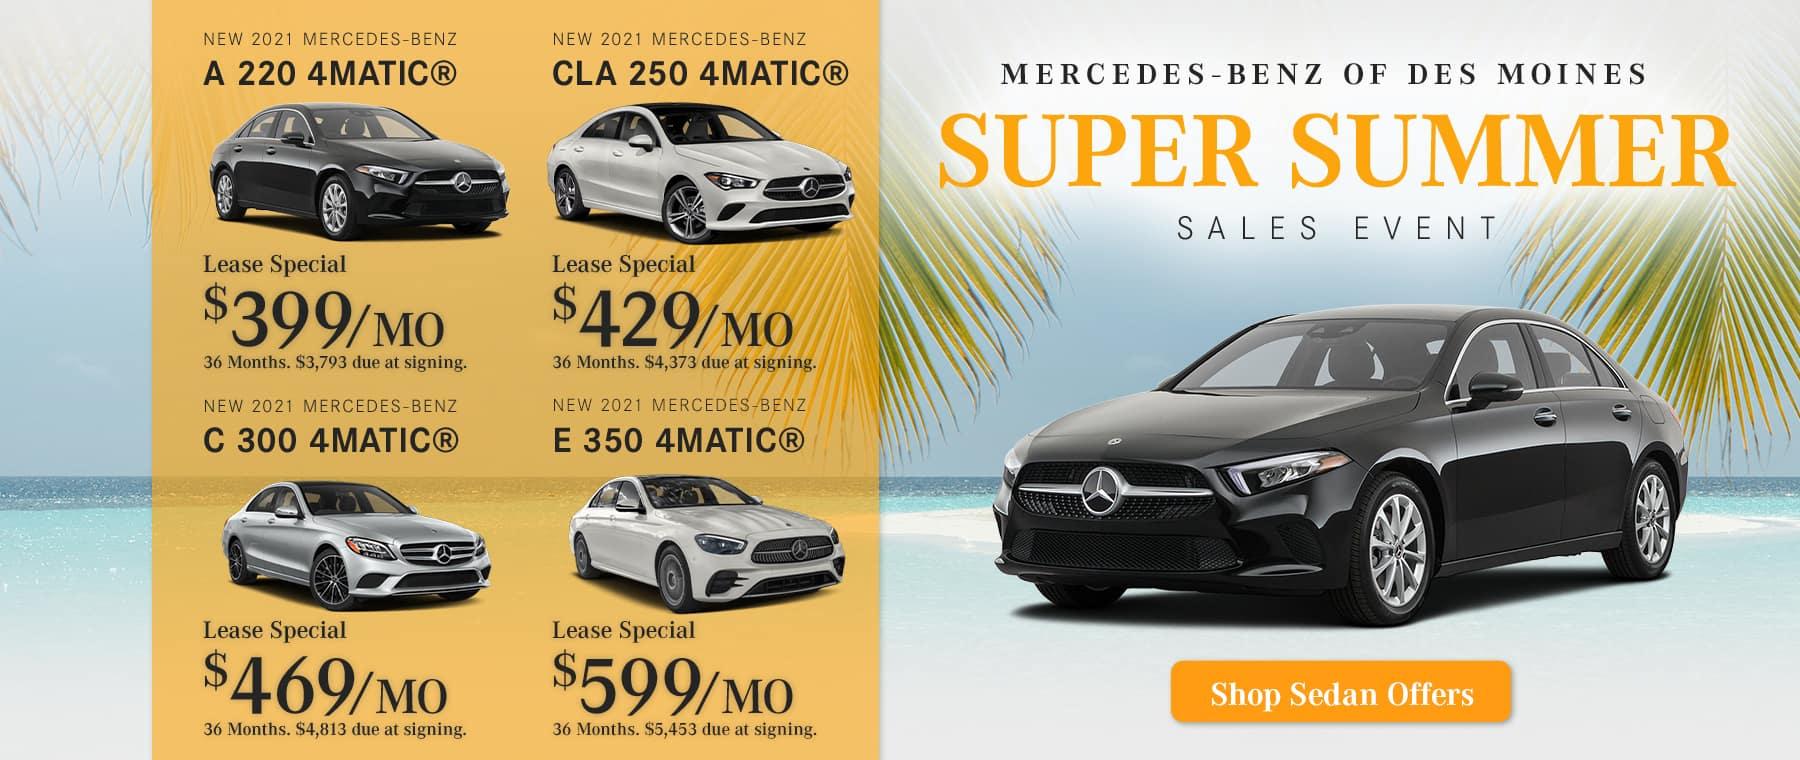 MDIA-213108-Homepage-1800×760-Sedans